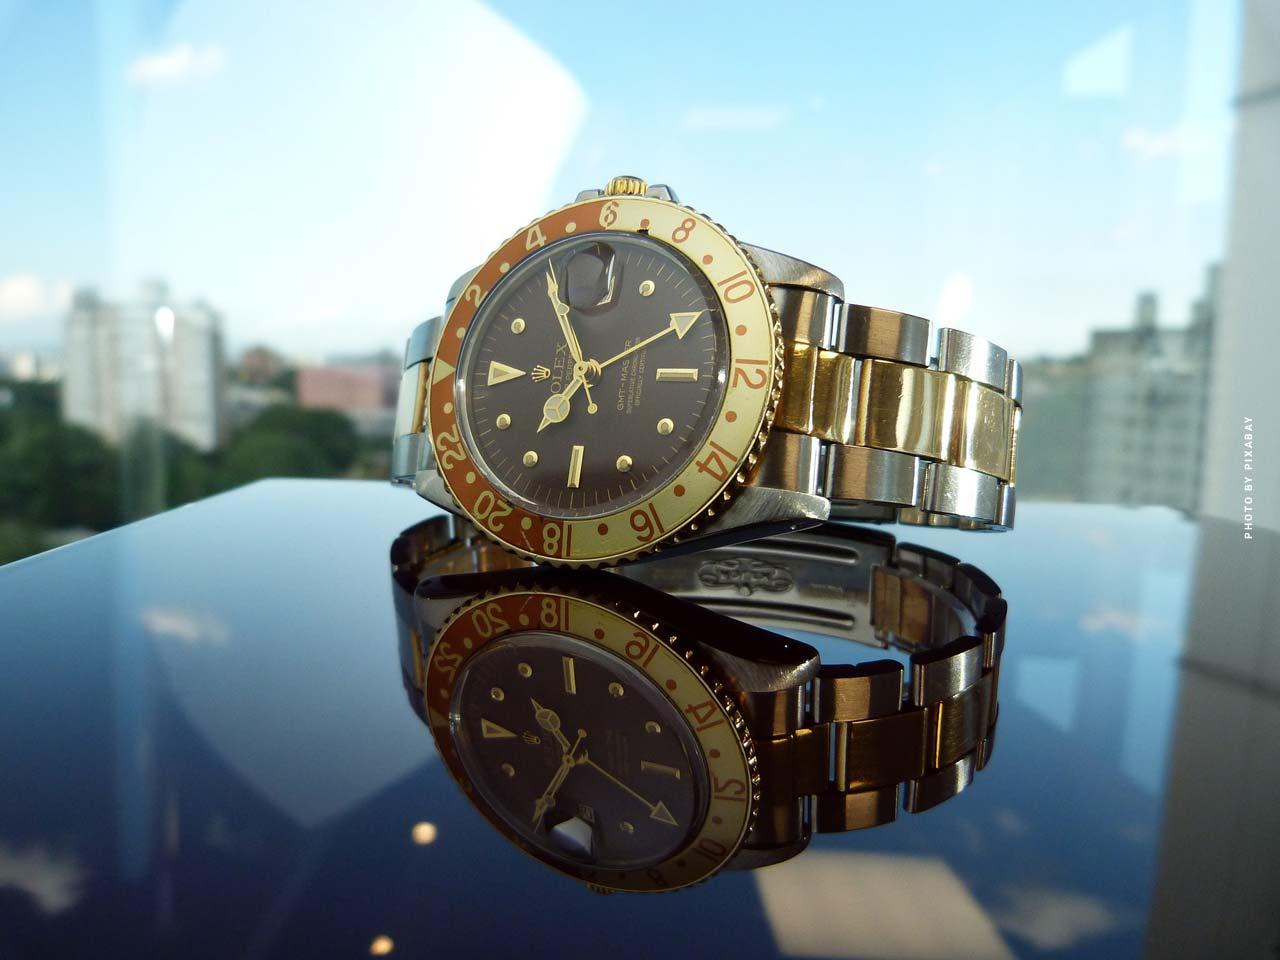 La maison de vente aux enchères Phillips (Genève) trouve et vend les montres les plus rares du monde